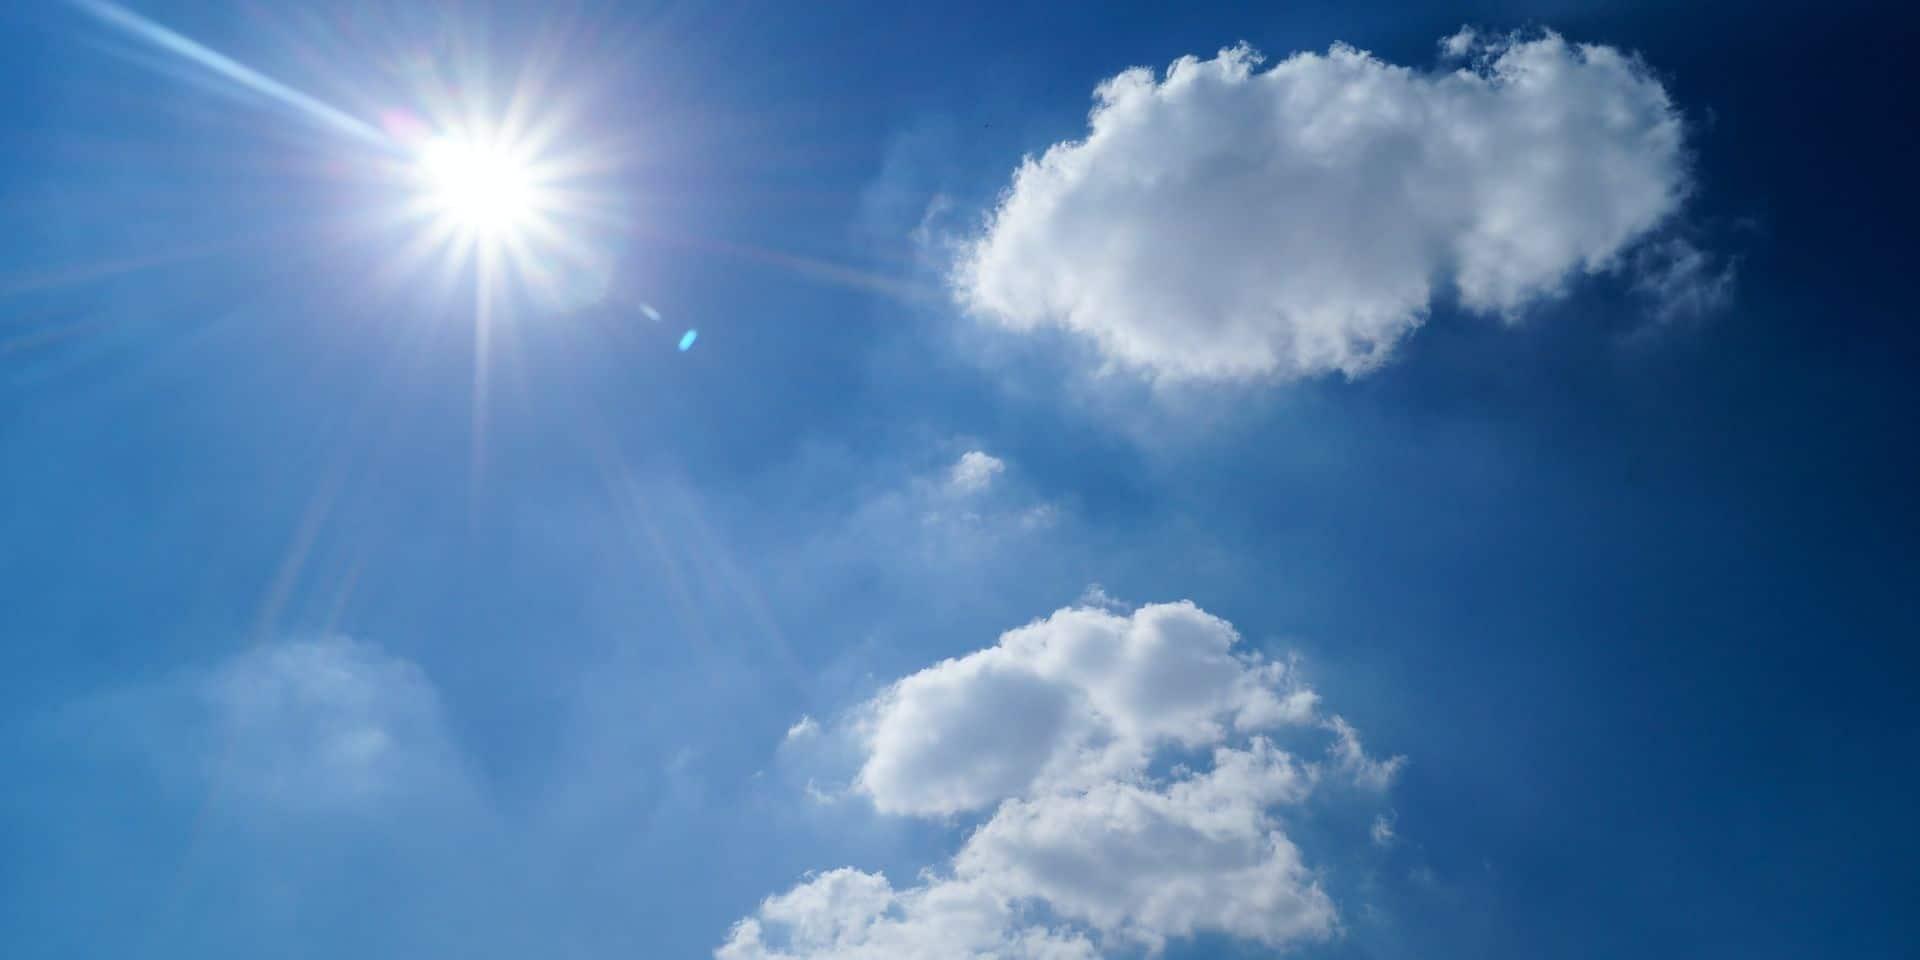 Météo: une nouvelle journée estivale ce vendredi avec jusqu'à 26 degrés